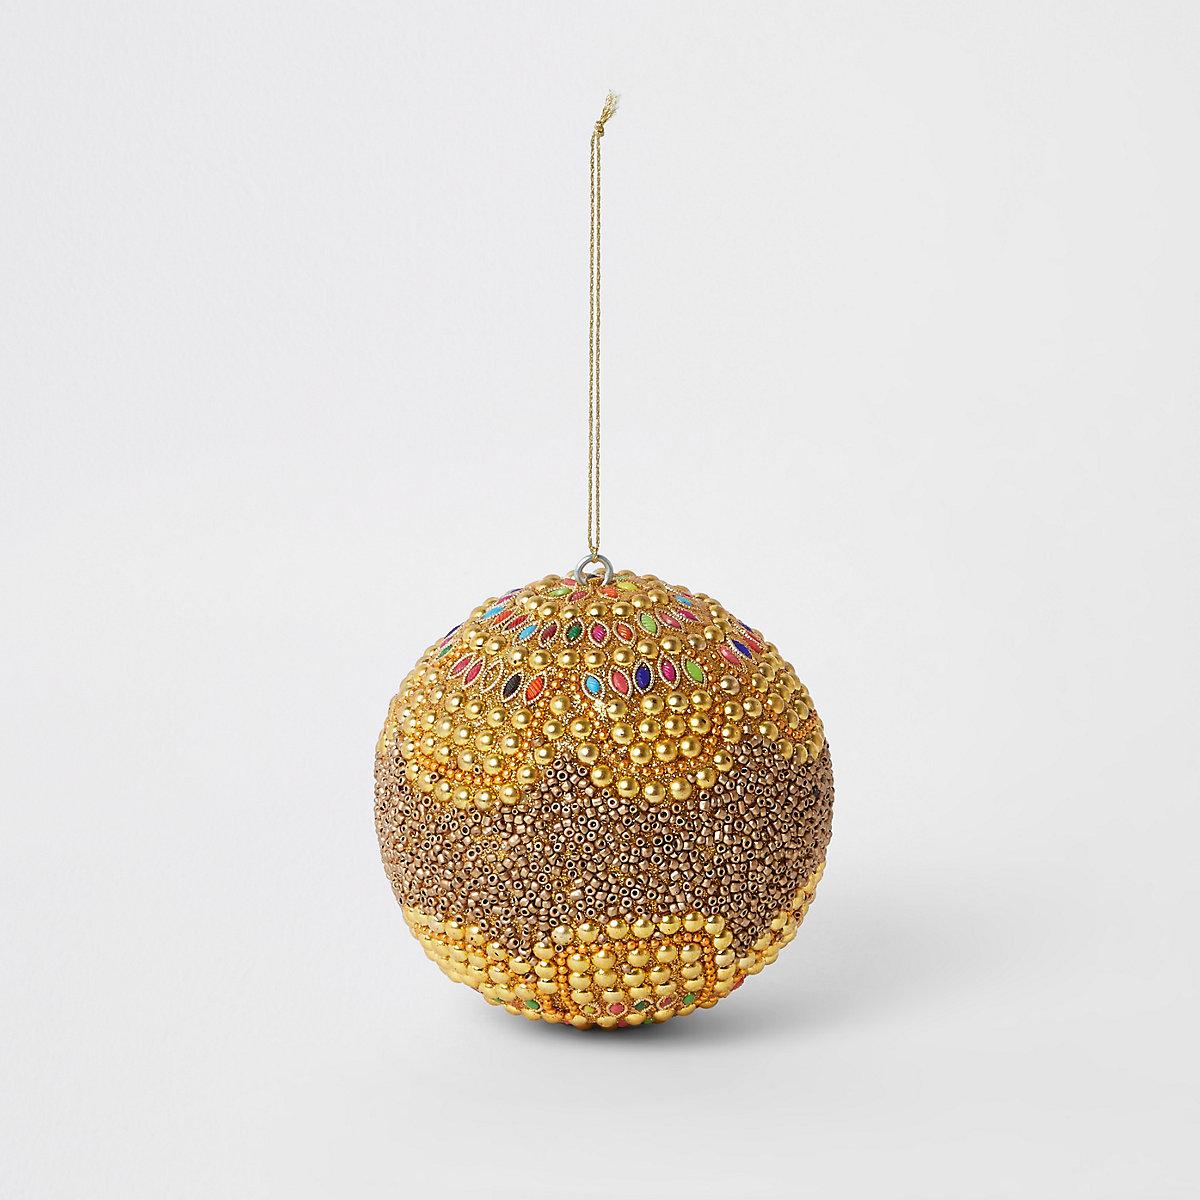 Boule de Noël dorée brillante ornée de perles